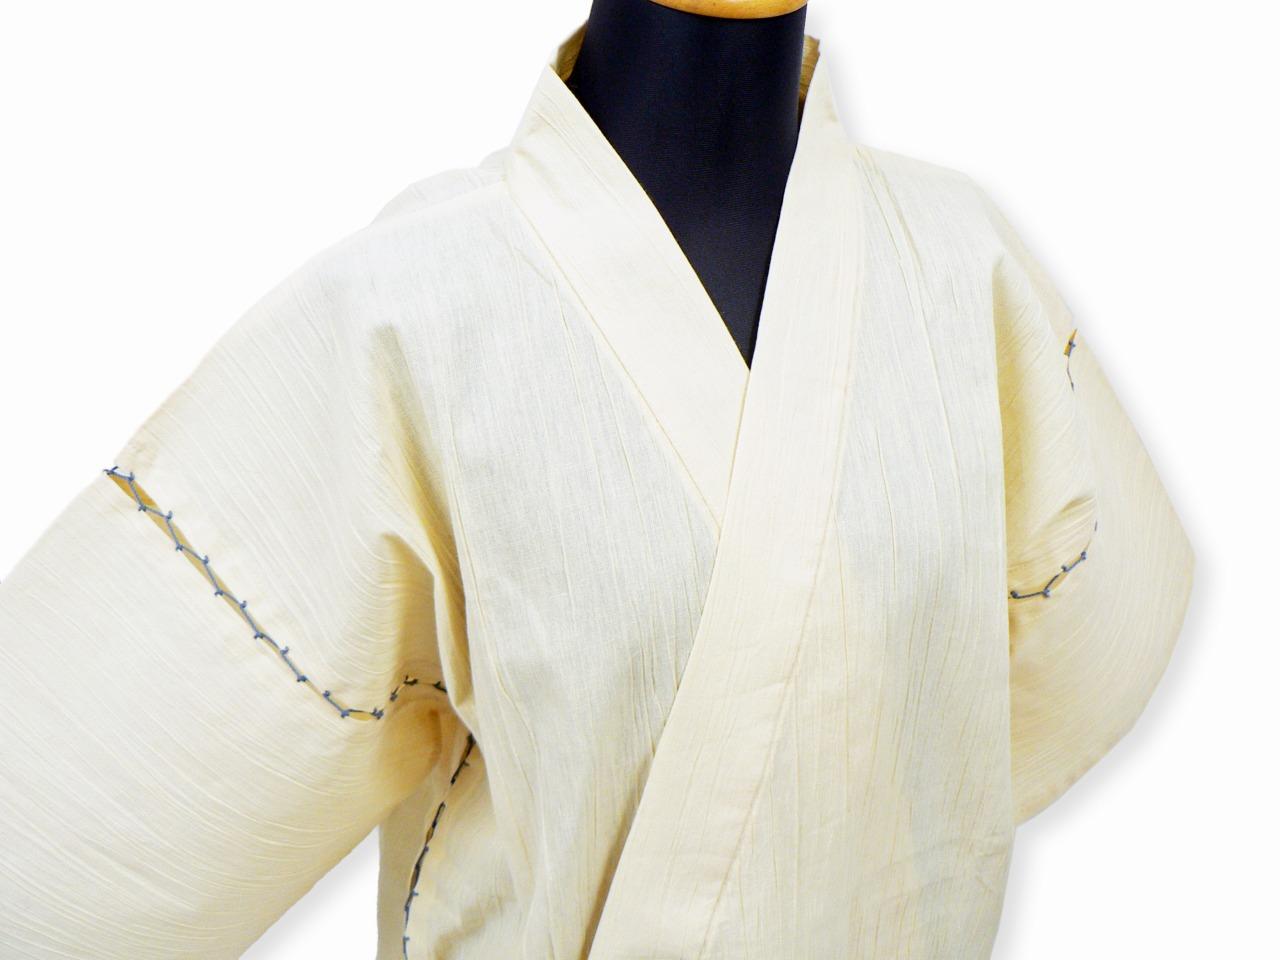 綿麻楊柳甚平(日本製) ベージュ マネキン着用